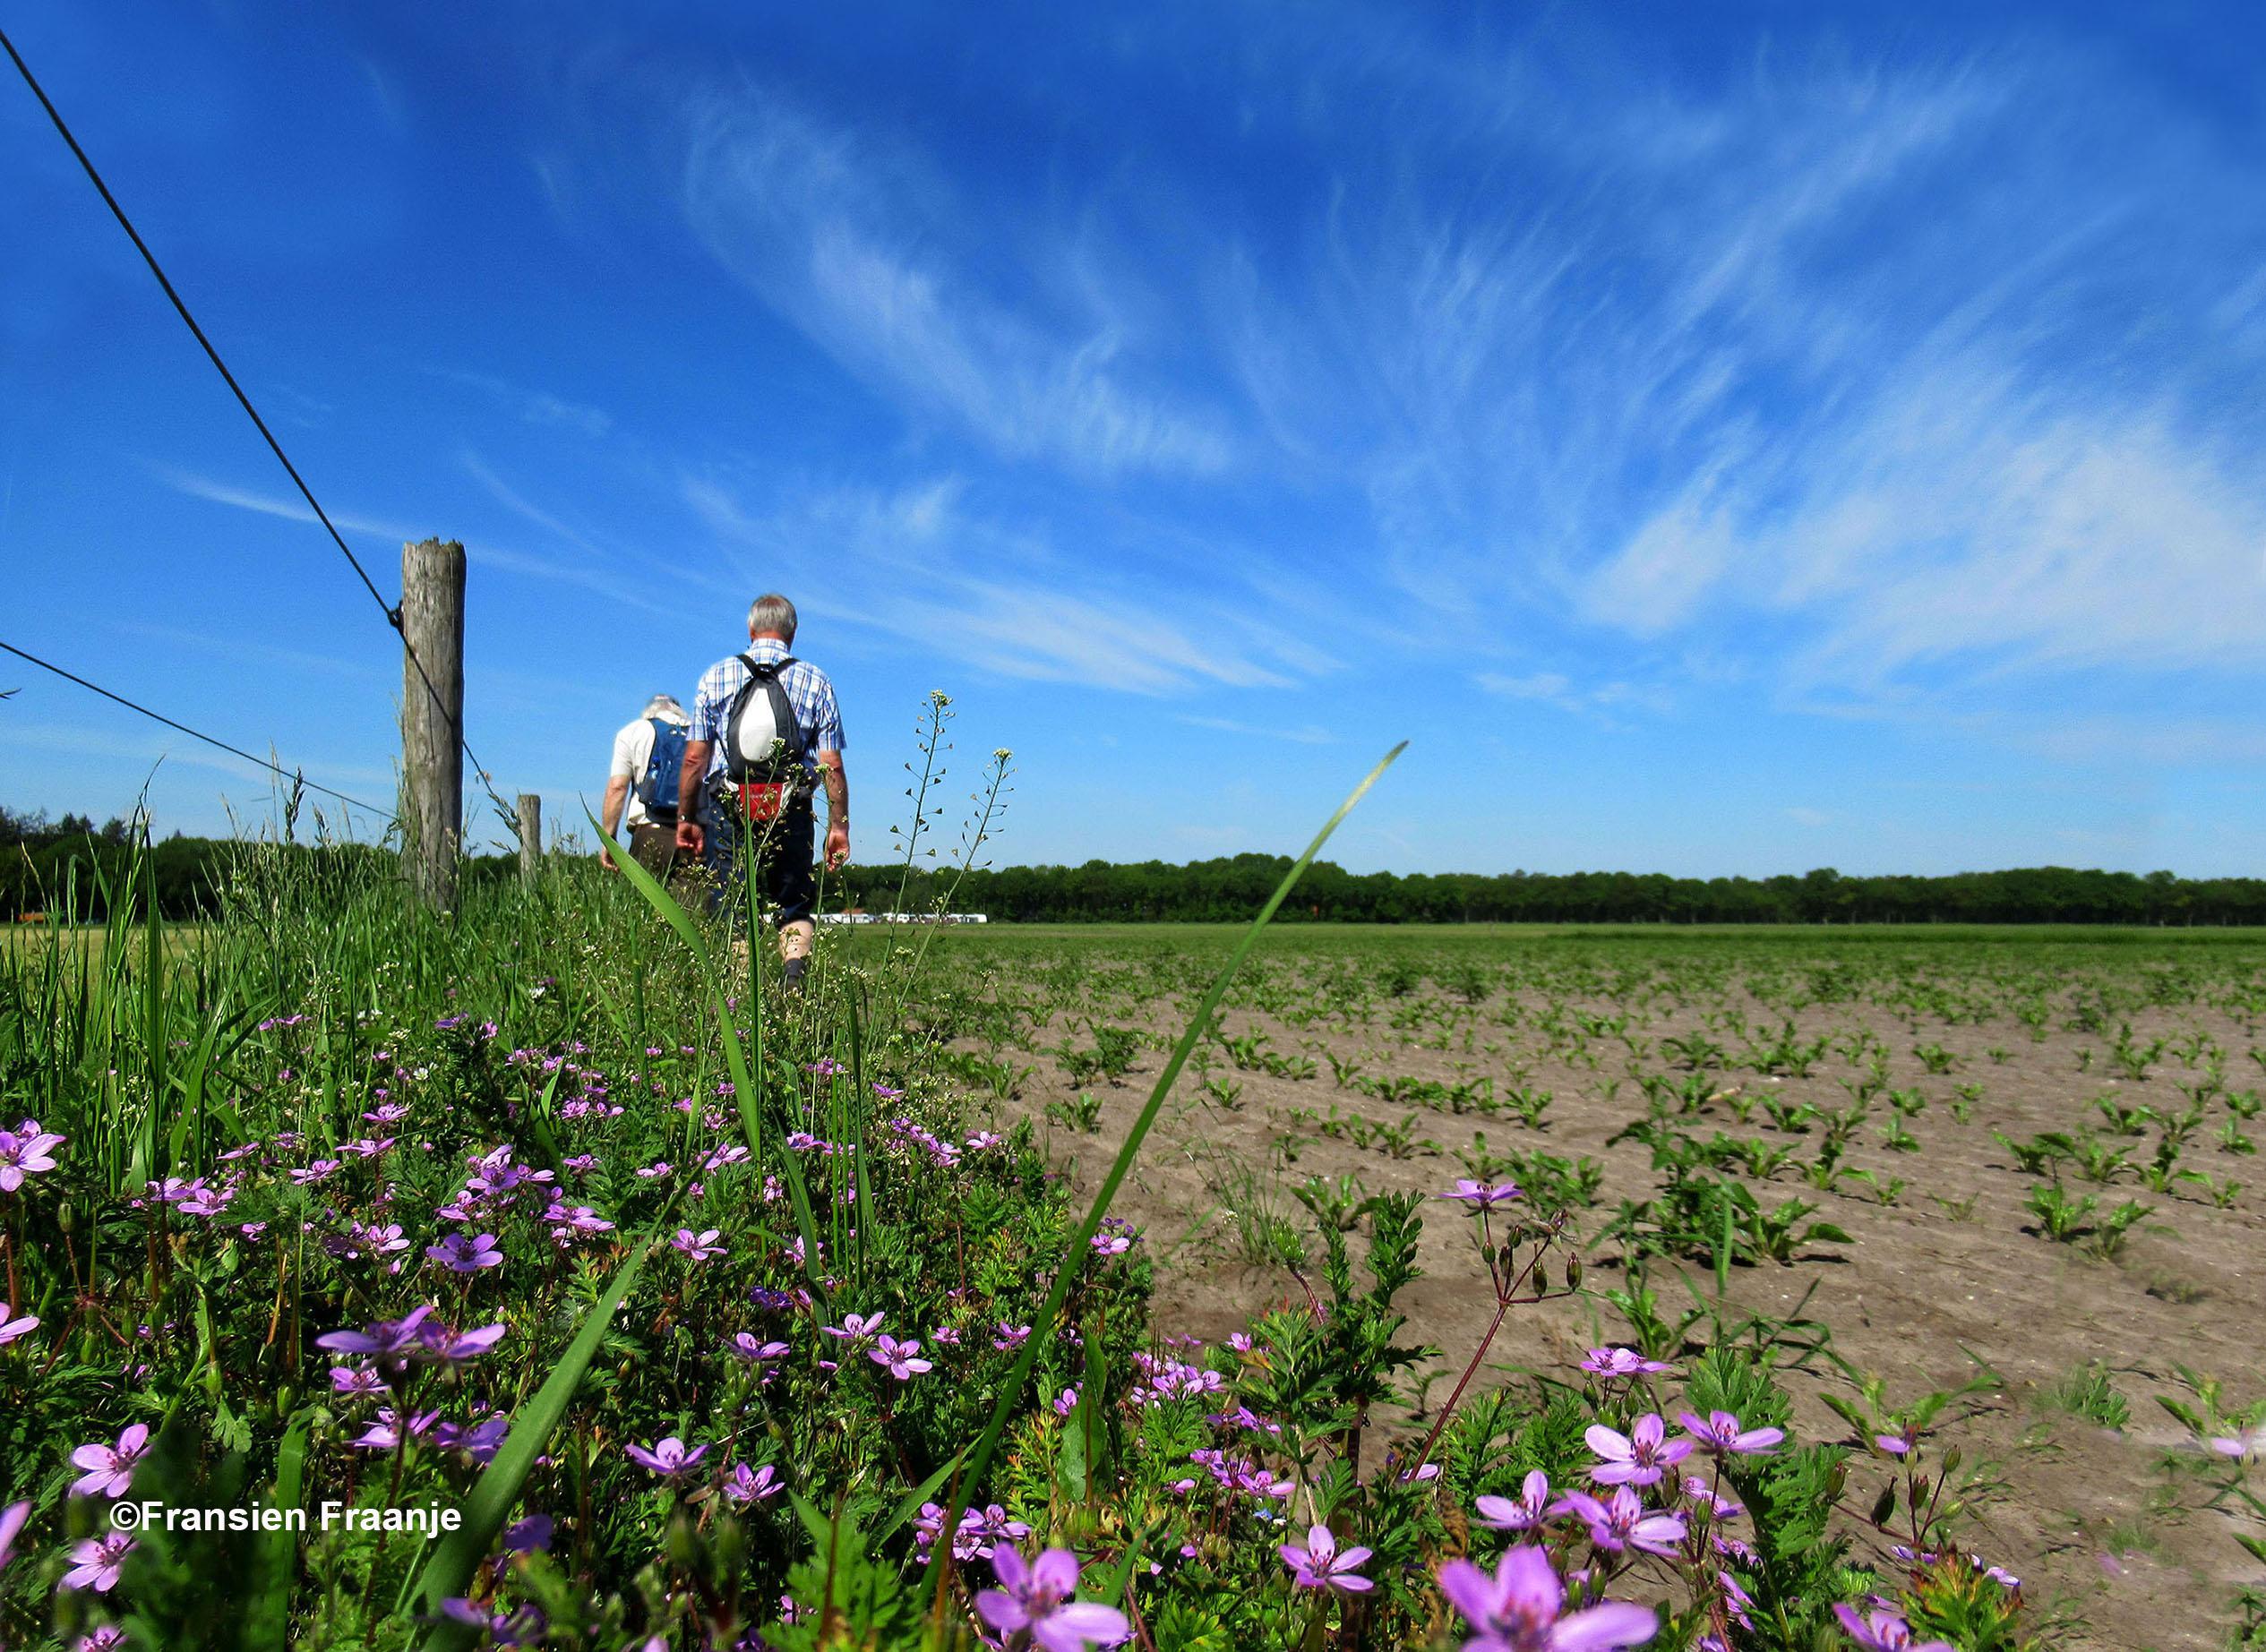 Heerlijk wandelen met prachtige windveren aan de hemel - Foto: ©Fransien Fraanje